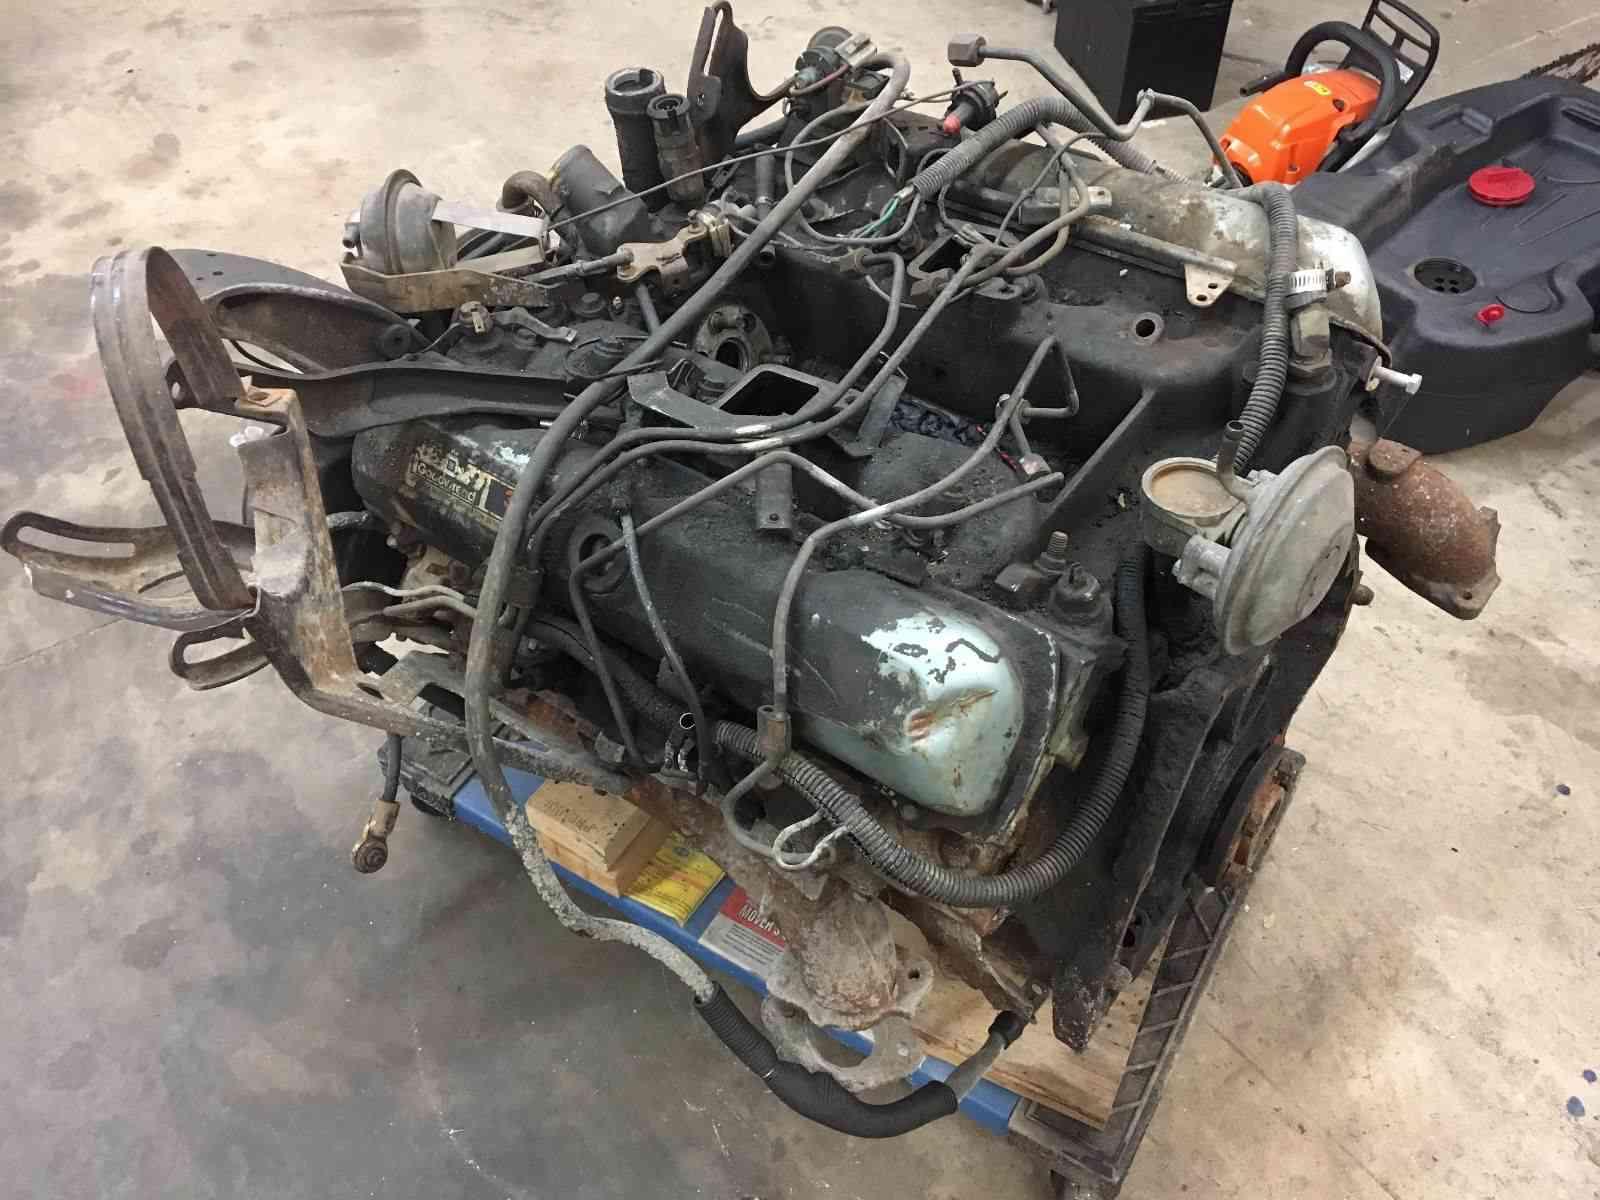 BangShift.com Olds Diesel 350